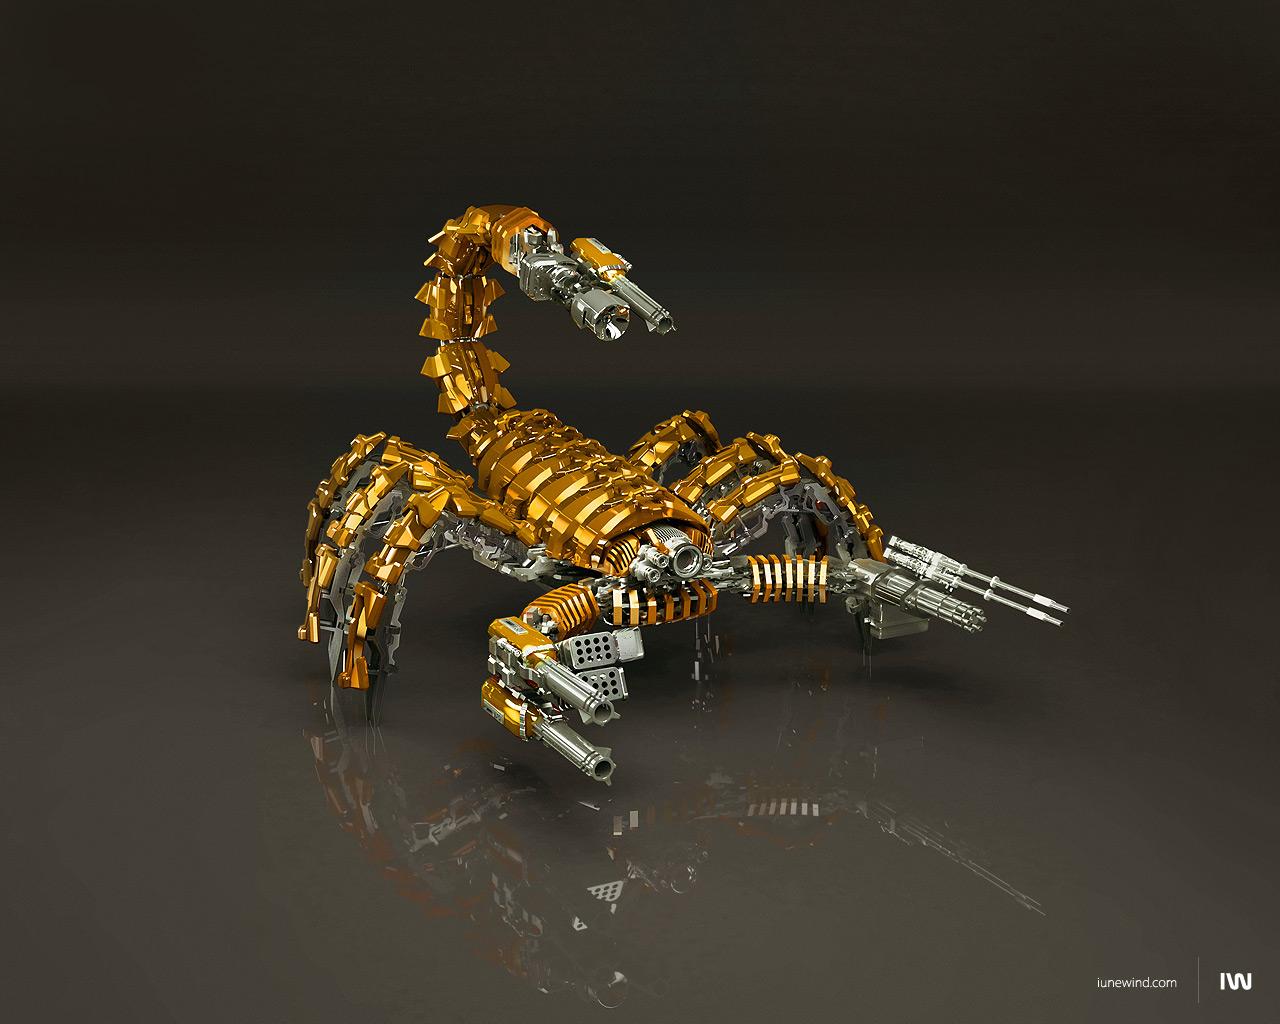 Mad scorpion Gold Edition